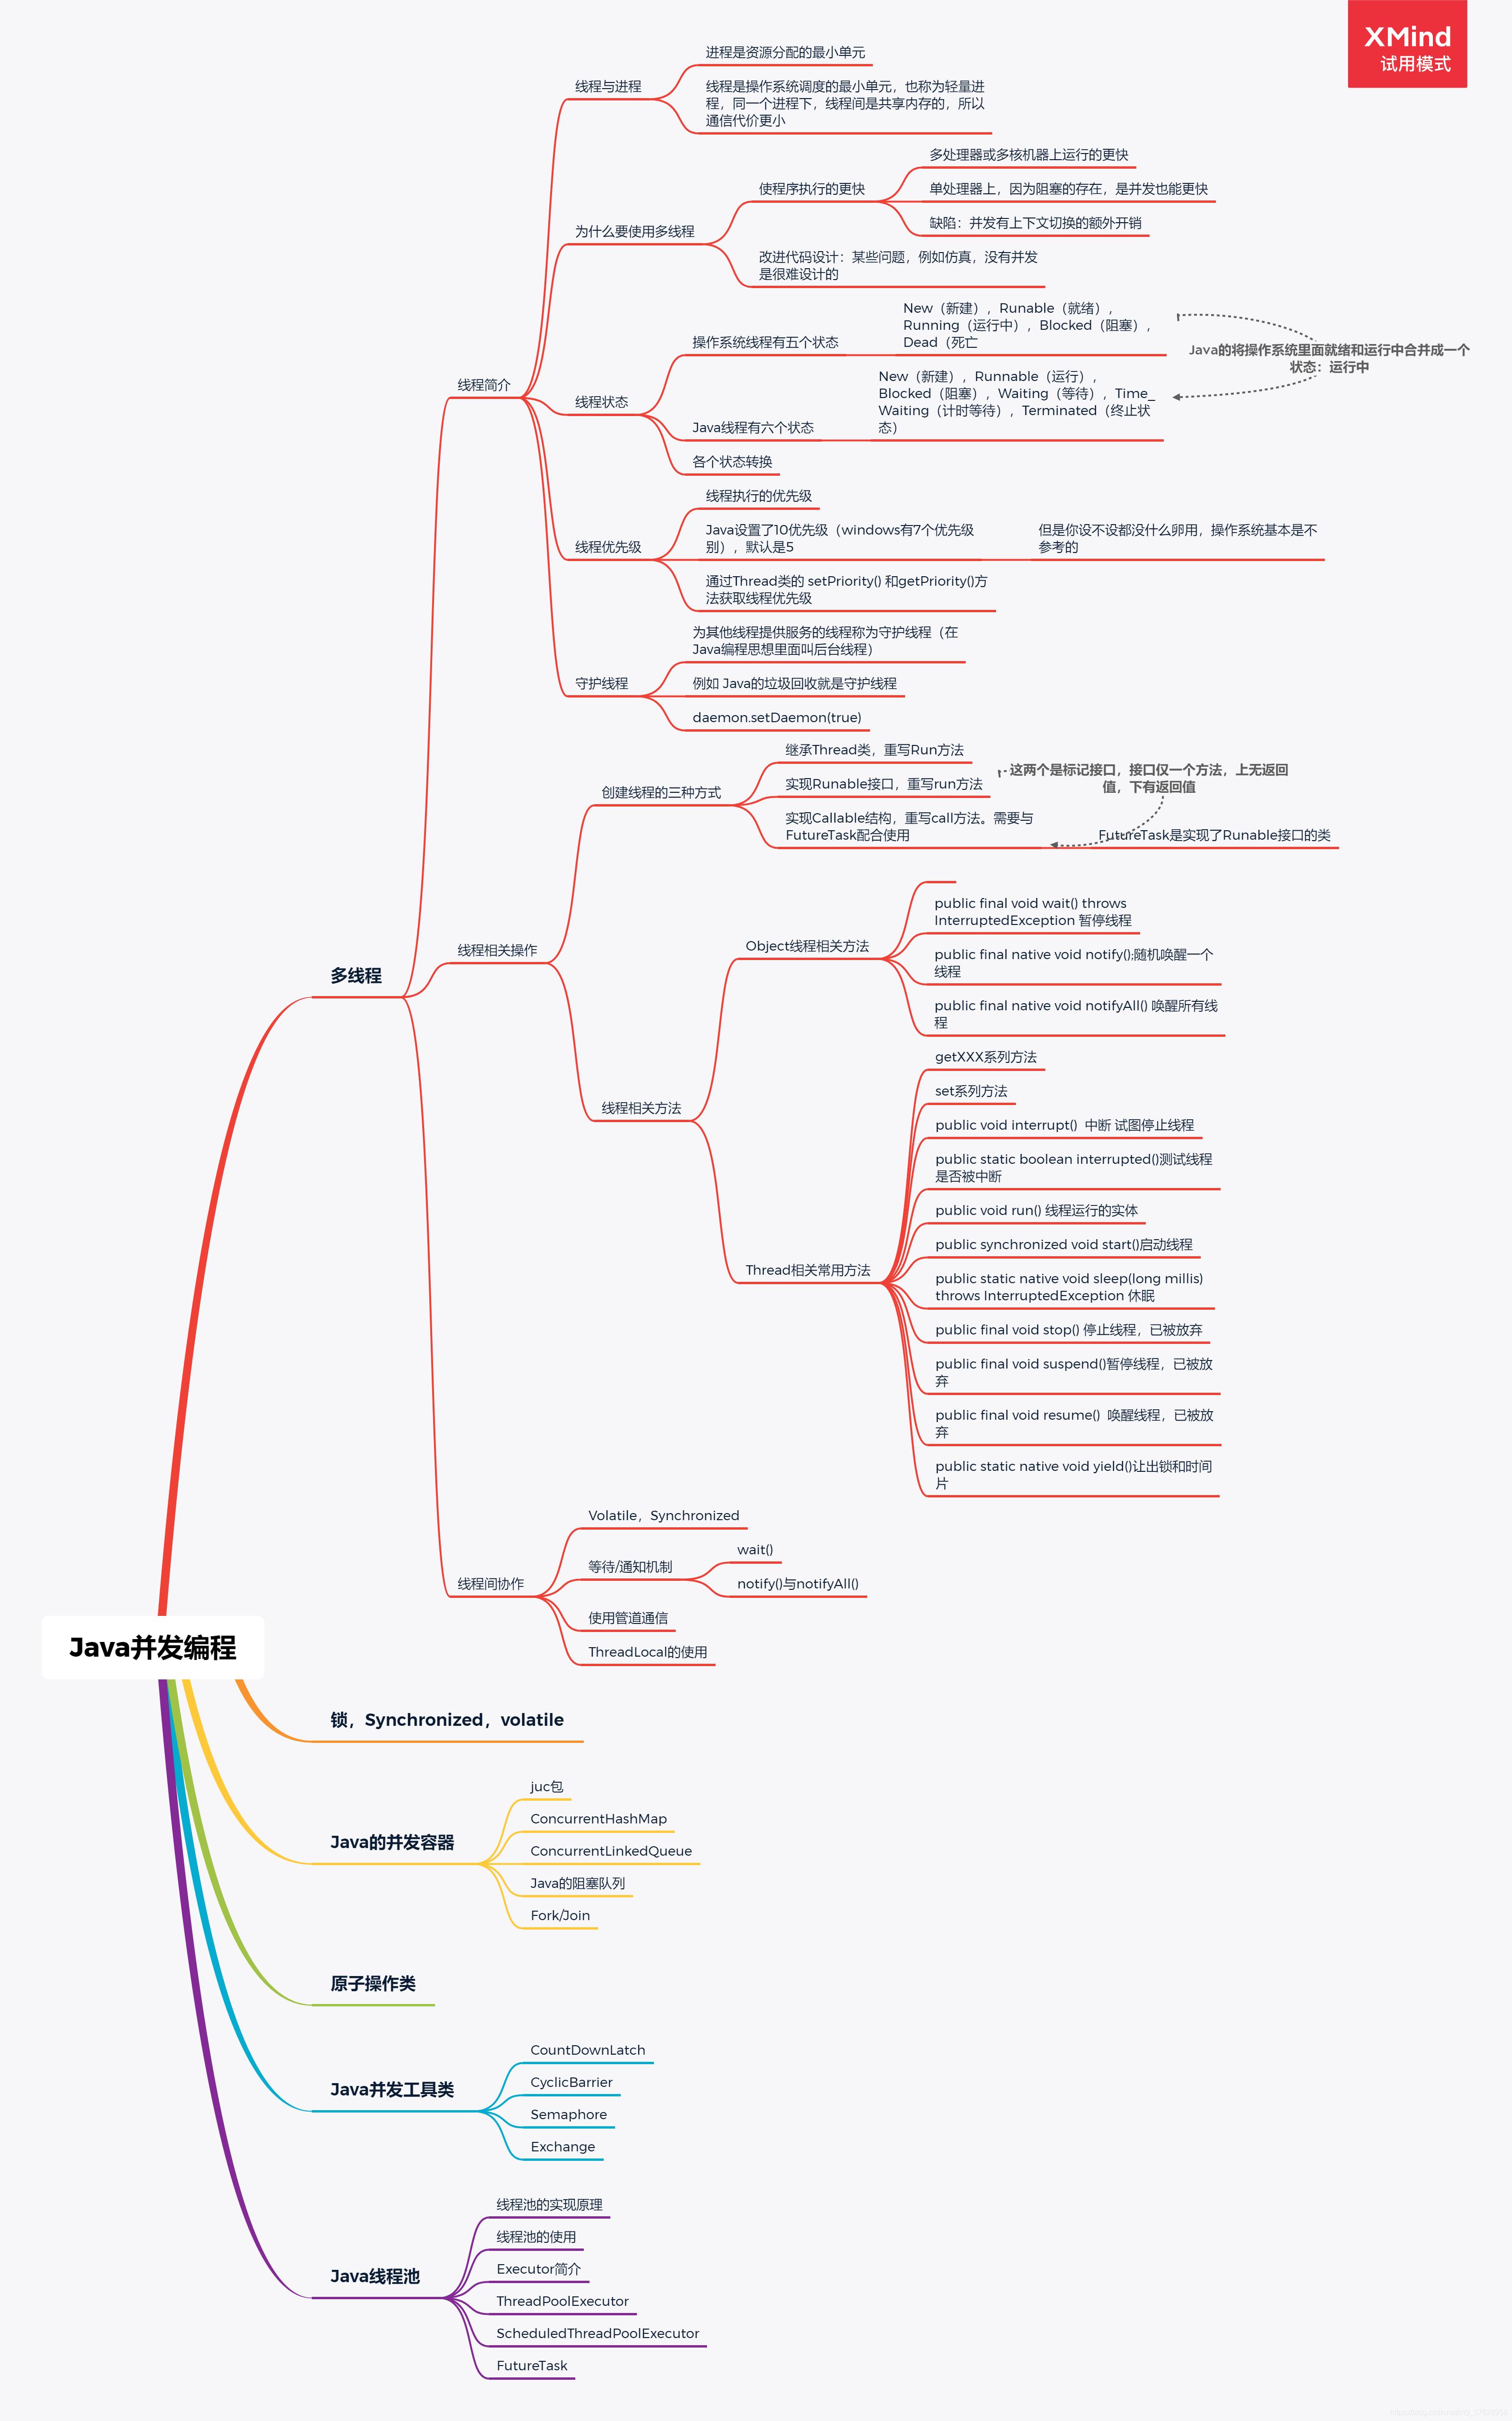 多线程脑图